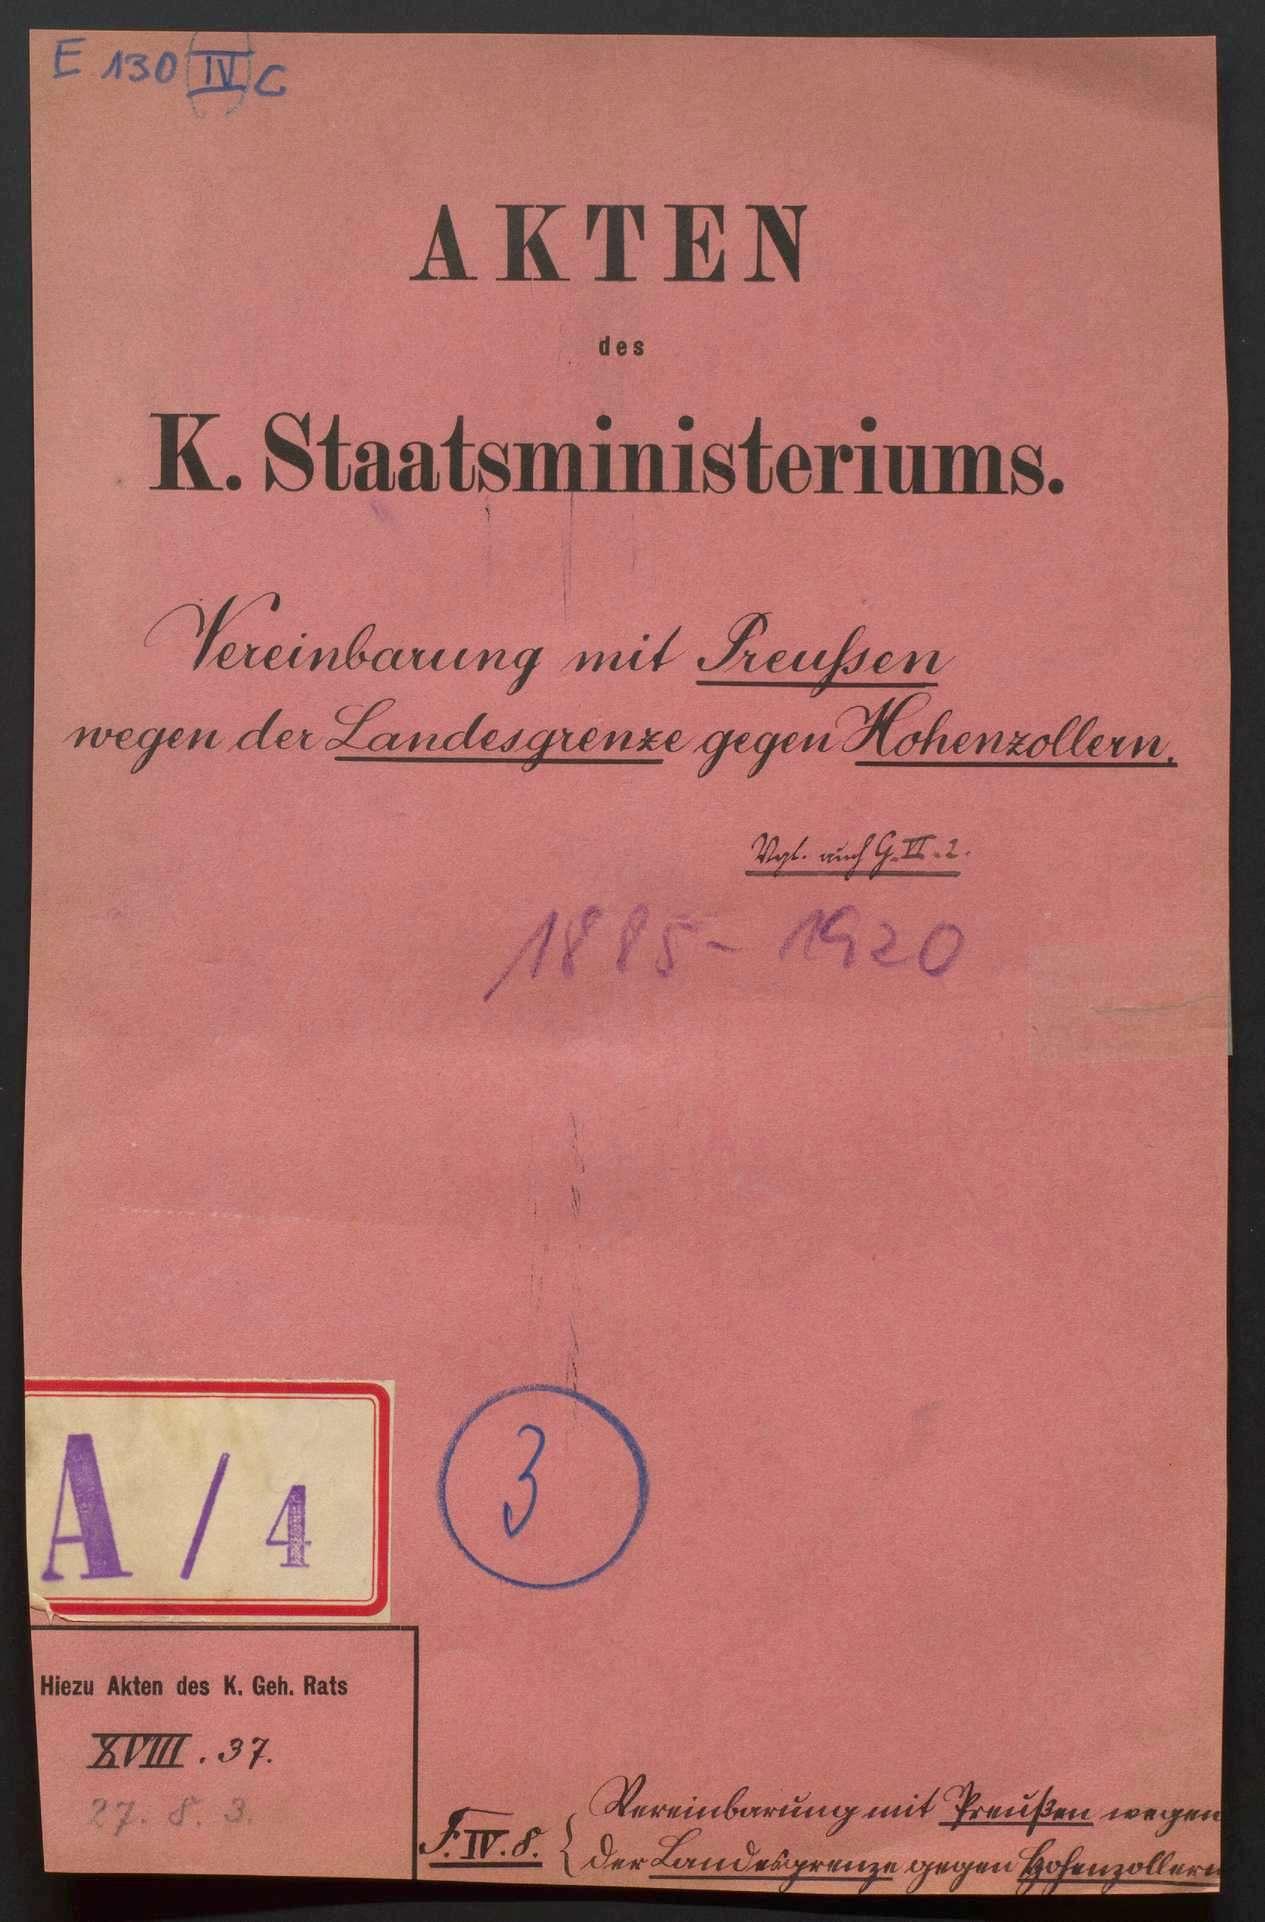 Vereinbarung mit Preußen wegen der Landesgrenze gegen Hohenzollern, Bild 1